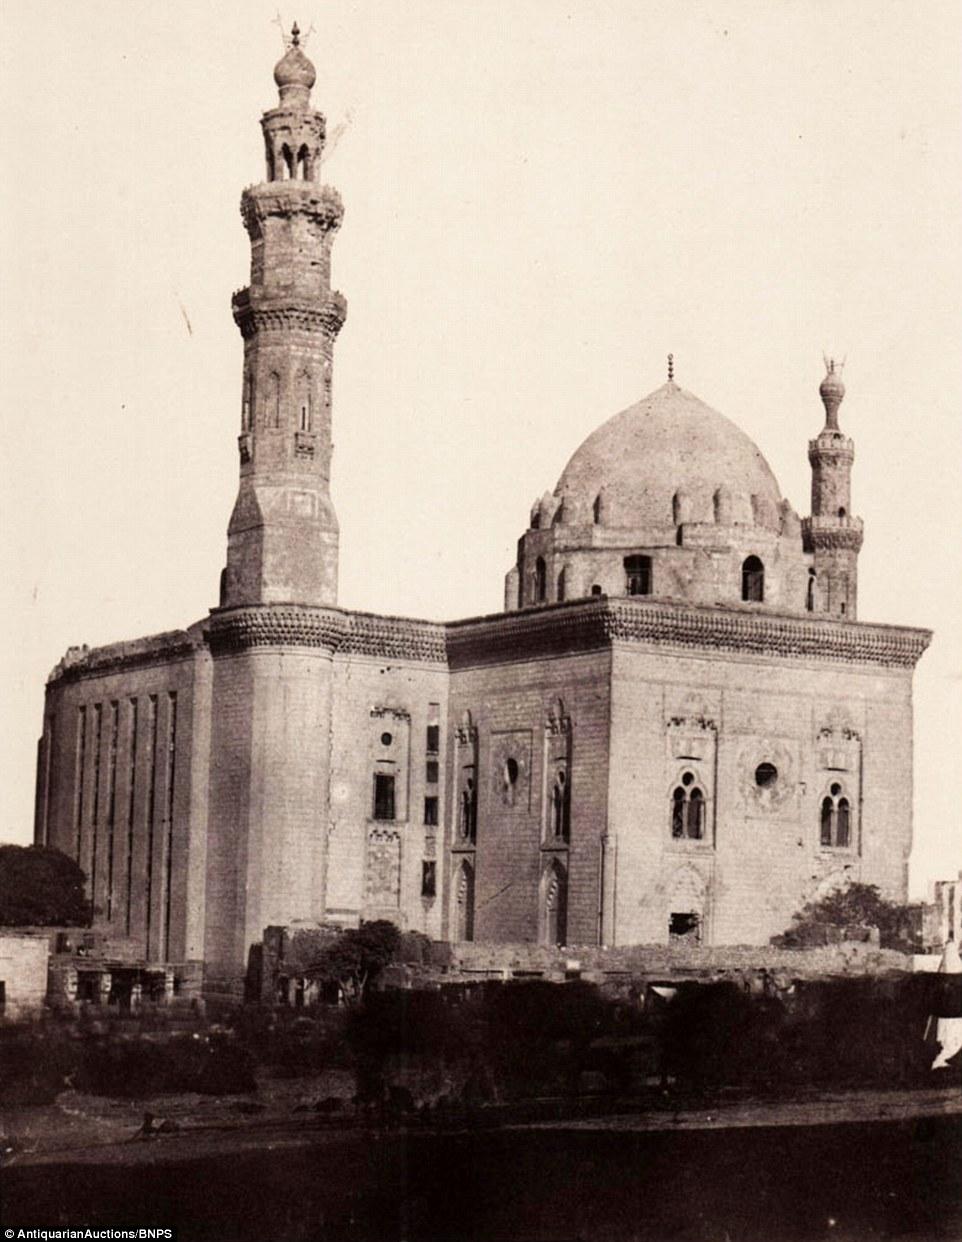 مسجد السلطان حسن بالقرب من القلعة،